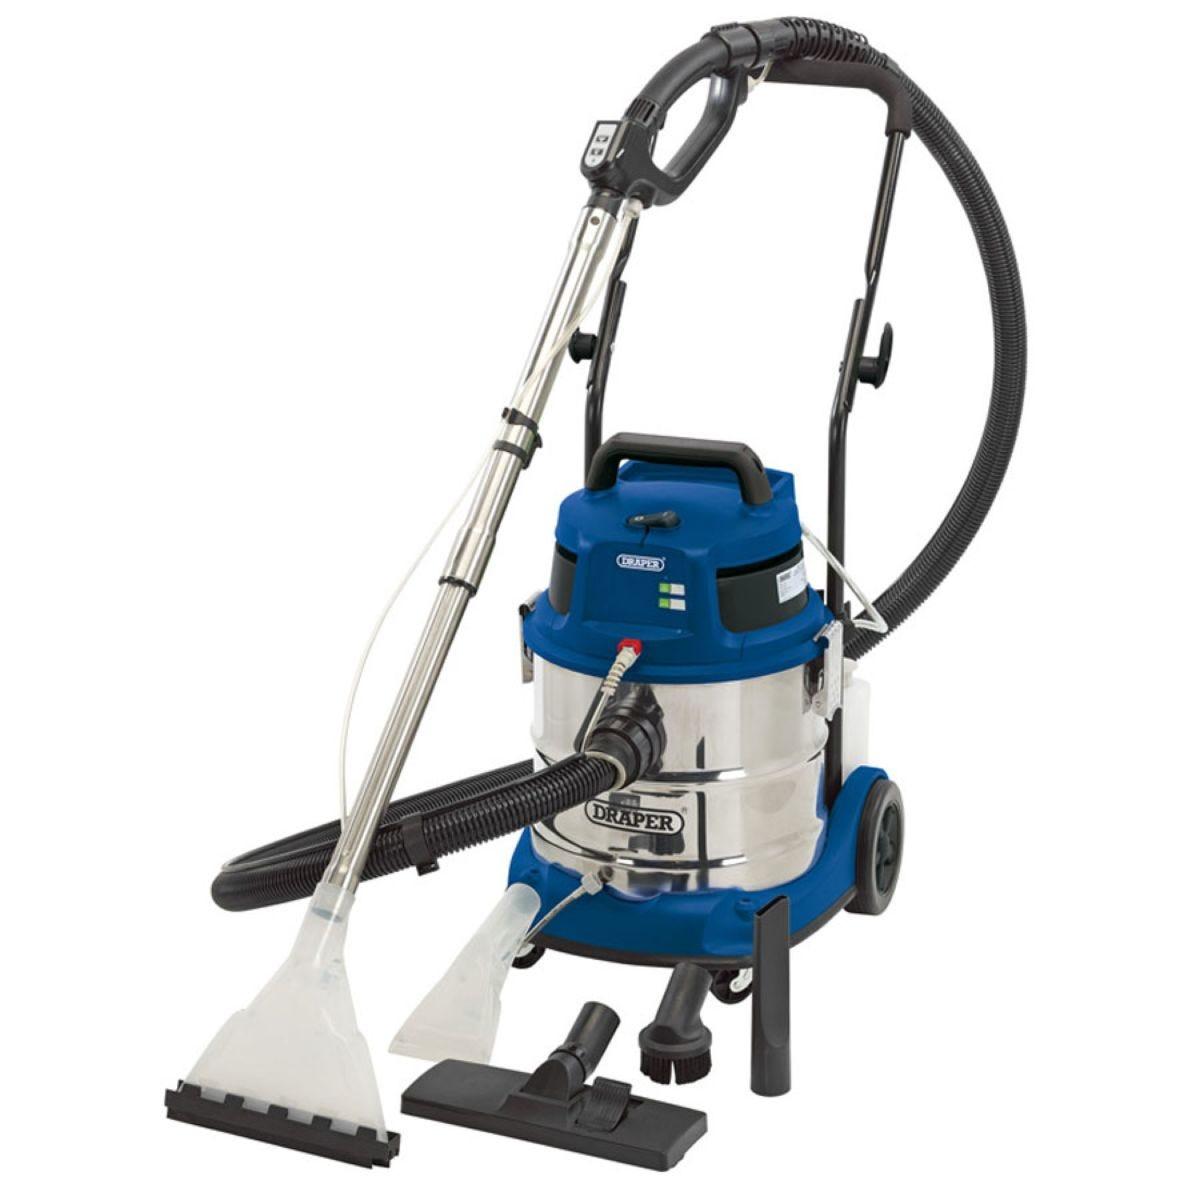 Draper 1500W 230V Wet and Dry Shampoo/Vacuum Cleaner – 20L